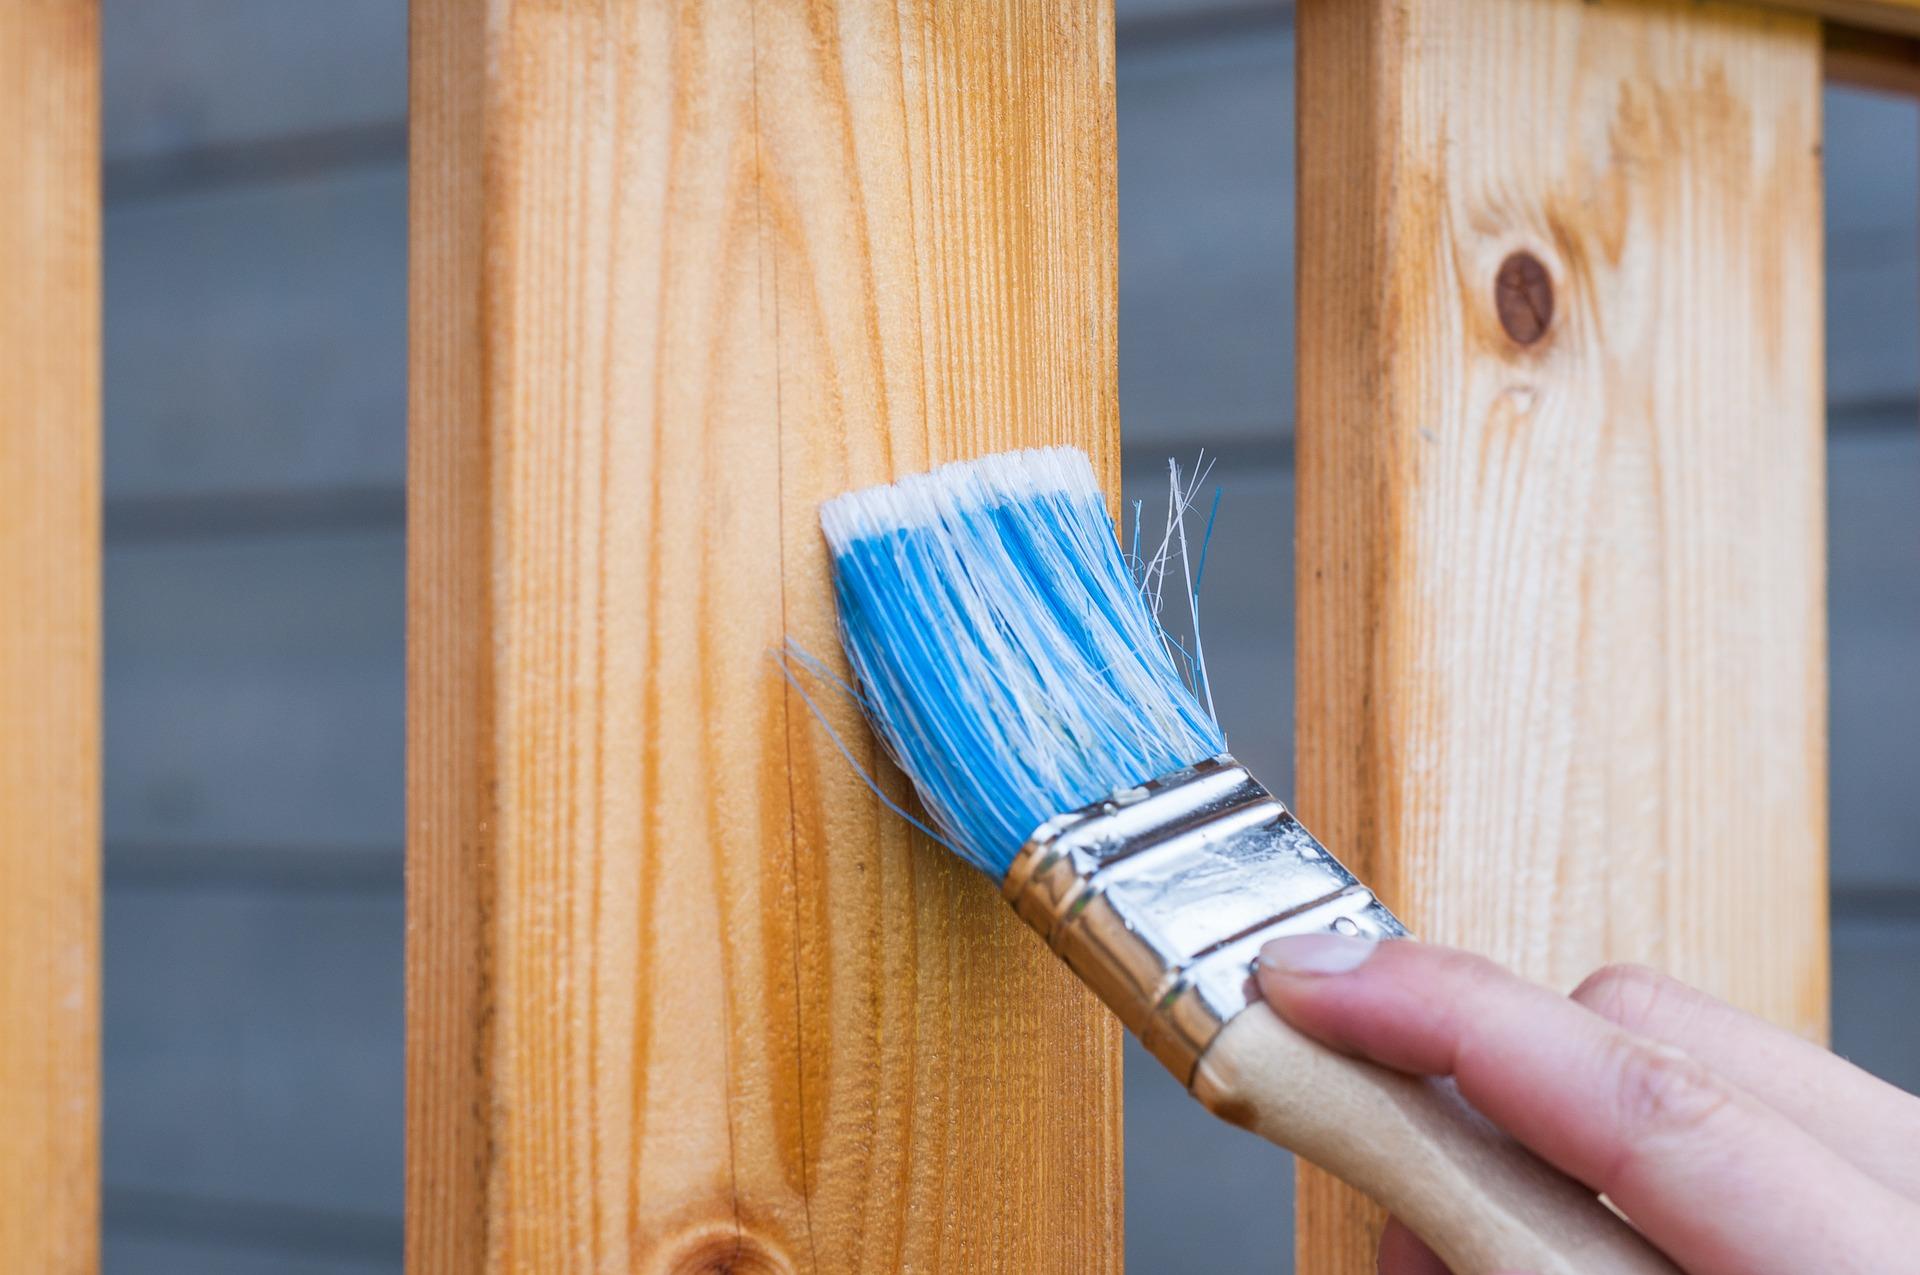 Jak impregnować, konserwować i dbać o drewniane akcesoria kuchenne? 1